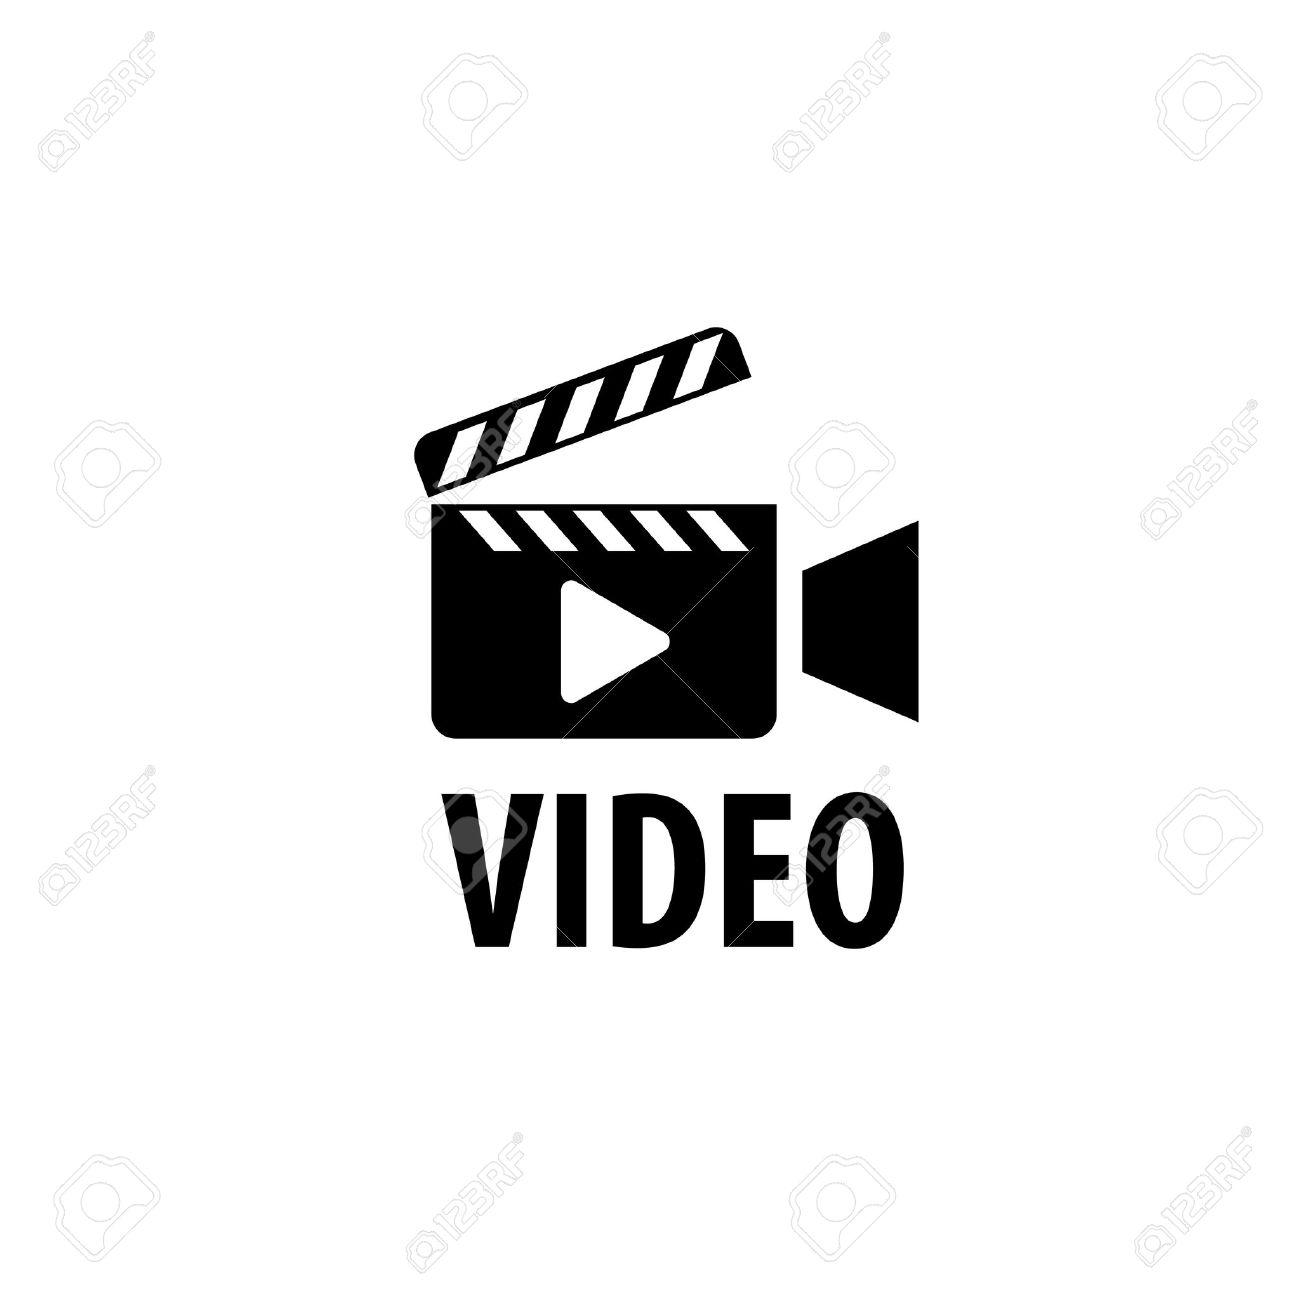 Caméra Vidéo De Modèle De Conception De Logo. Vector Illustration Clip Art  Libres De Droits , Vecteurs Et Illustration. Image 61218396.